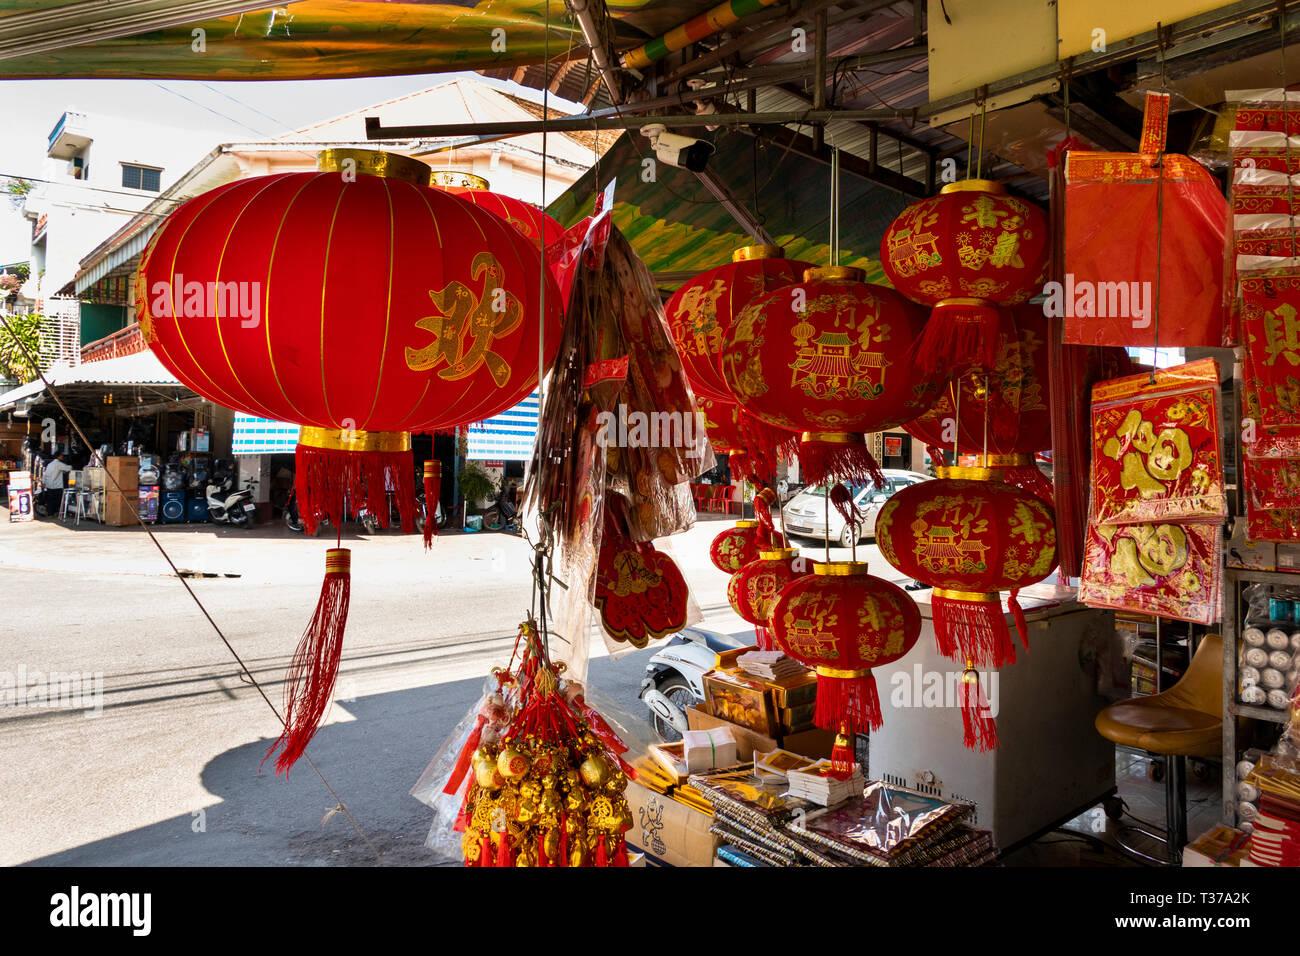 Camboya, Kampong (Kompong Cham), del centro de la ciudad, Año Nuevo Chino, el Festival de Primavera, decoraciones en venta Foto de stock